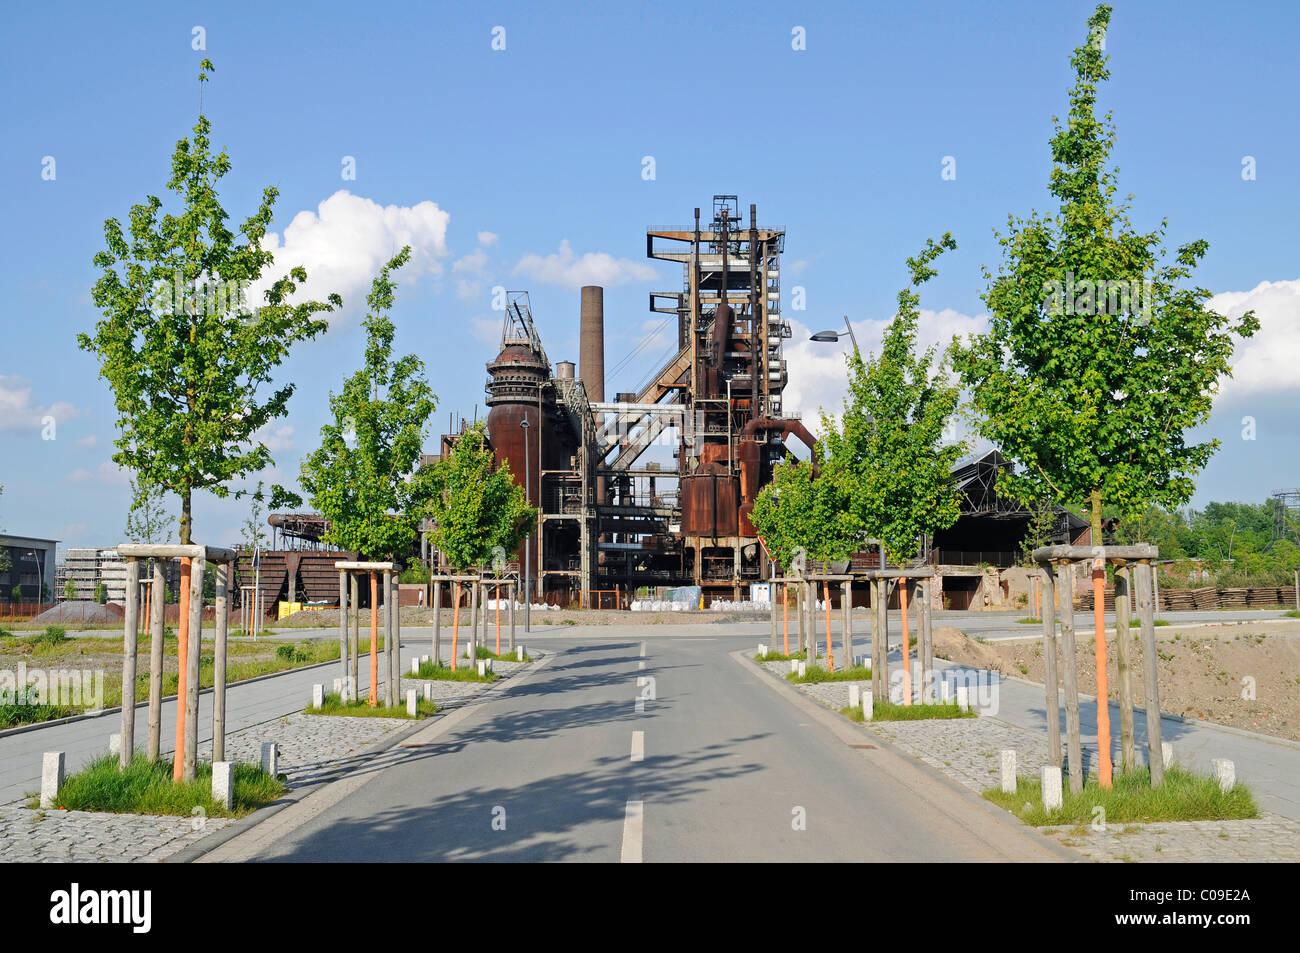 Ex Phoenix altoforno complessa, tecnologia innovativa e industrie dei servizi, Hoerde, Dortmund, Ruhrgebiet regione Immagini Stock